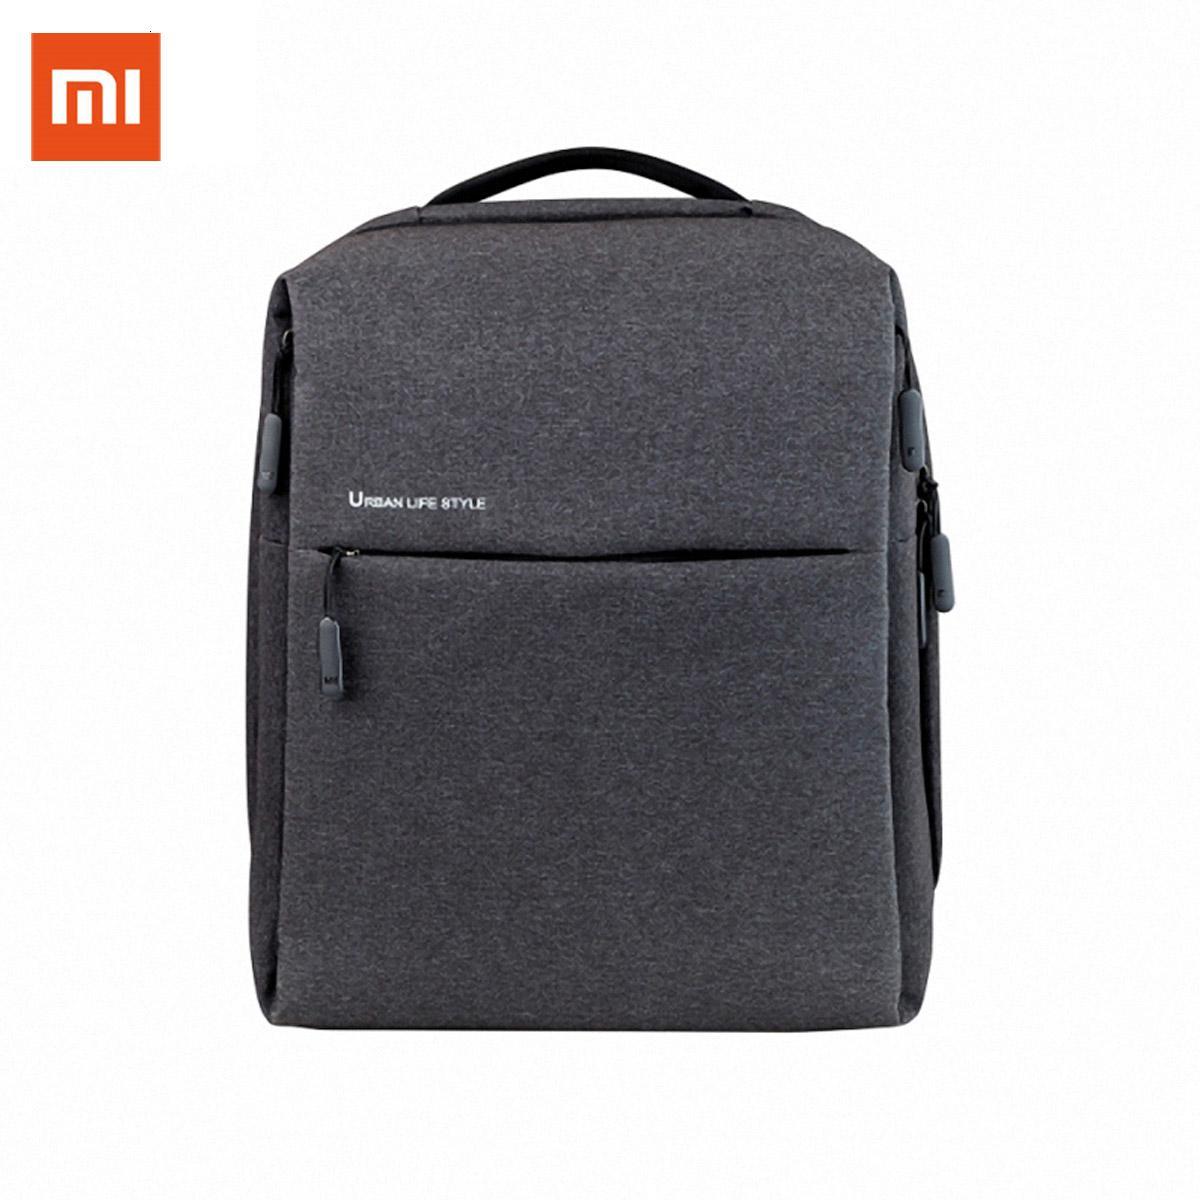 Spalle originale Xiaomi Mi Zaino Vita Urbana stile OL Borsa Zaino Daypack sacchetto di scuola Studente Borsone Borse per notebook da 14 pollici CJ191201